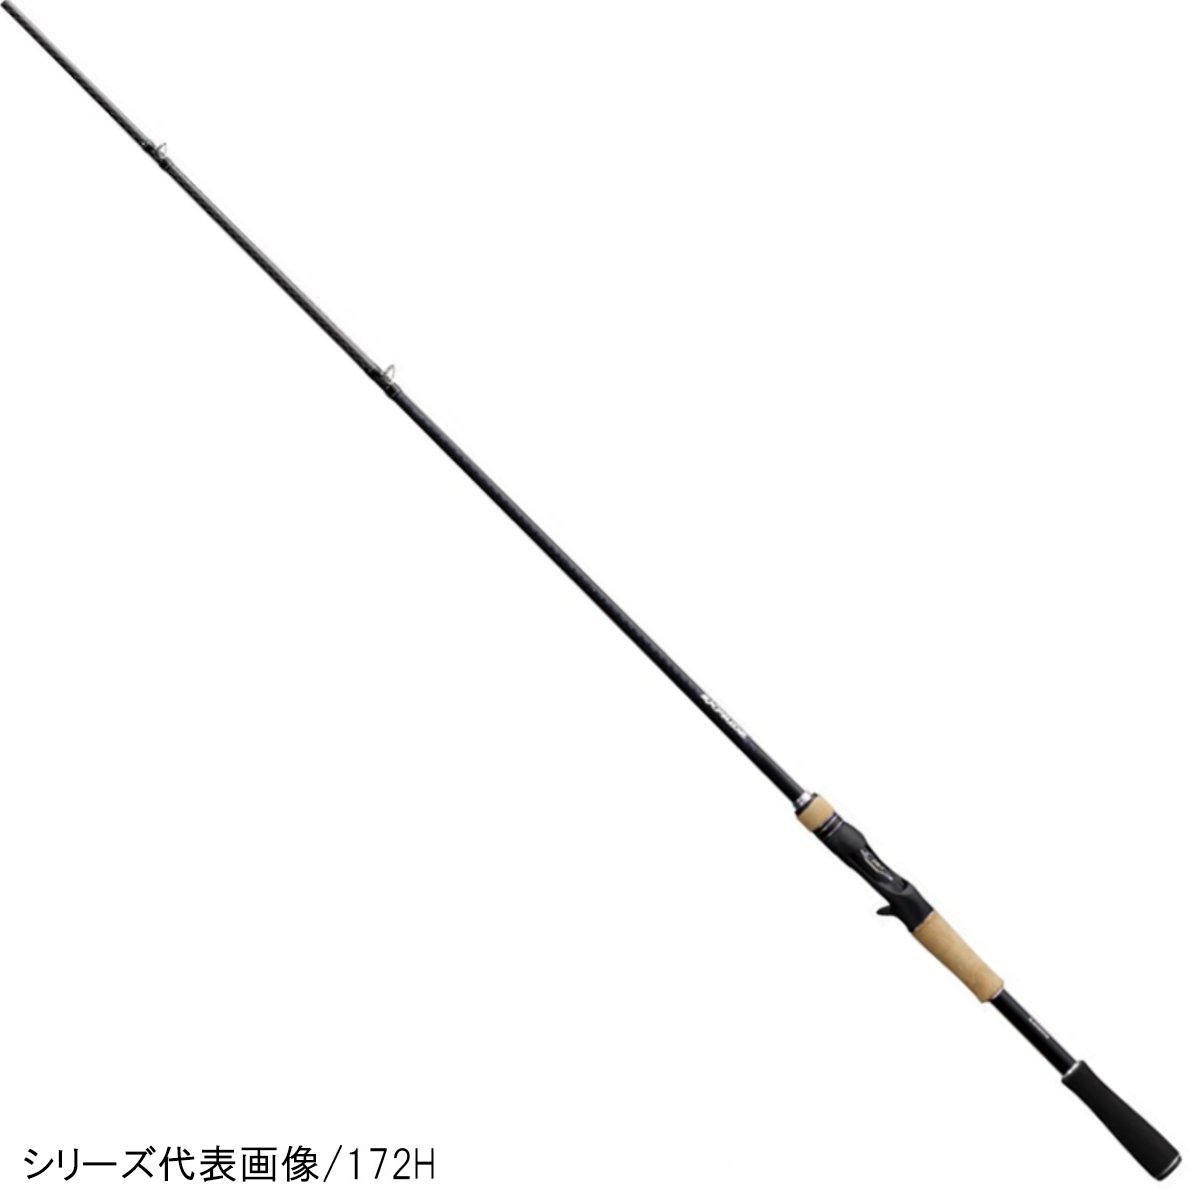 【国際ブランド】 シマノ エクスプライド シマノ 168L-BFS 168L-BFS/2/2, naval-:ea890f69 --- canoncity.azurewebsites.net